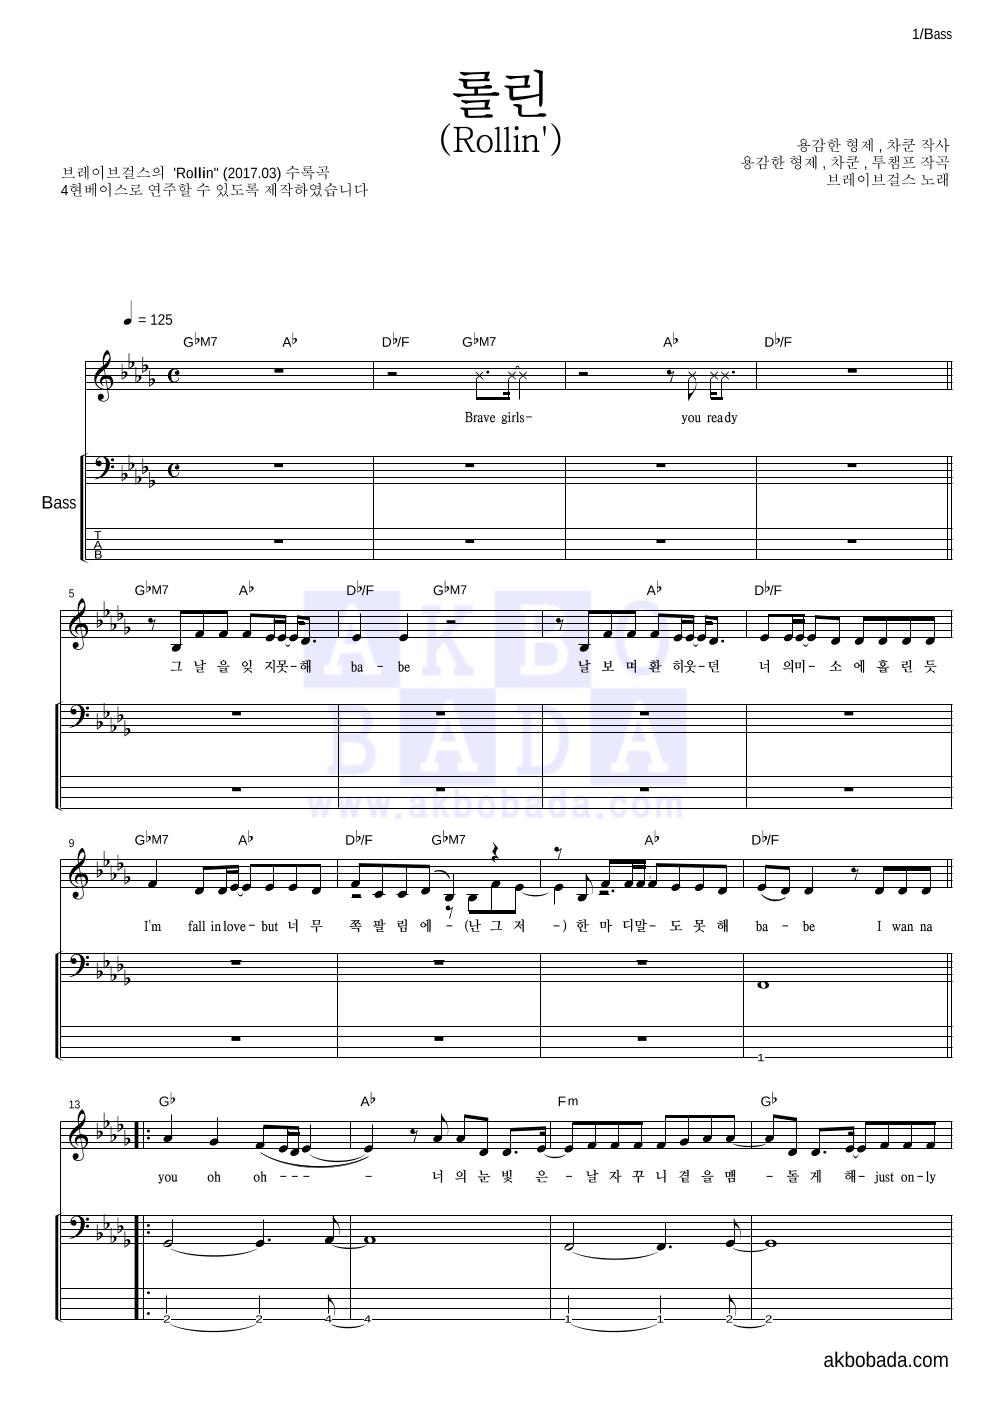 브레이브 걸스 - 롤린 (Rollin') 베이스 악보